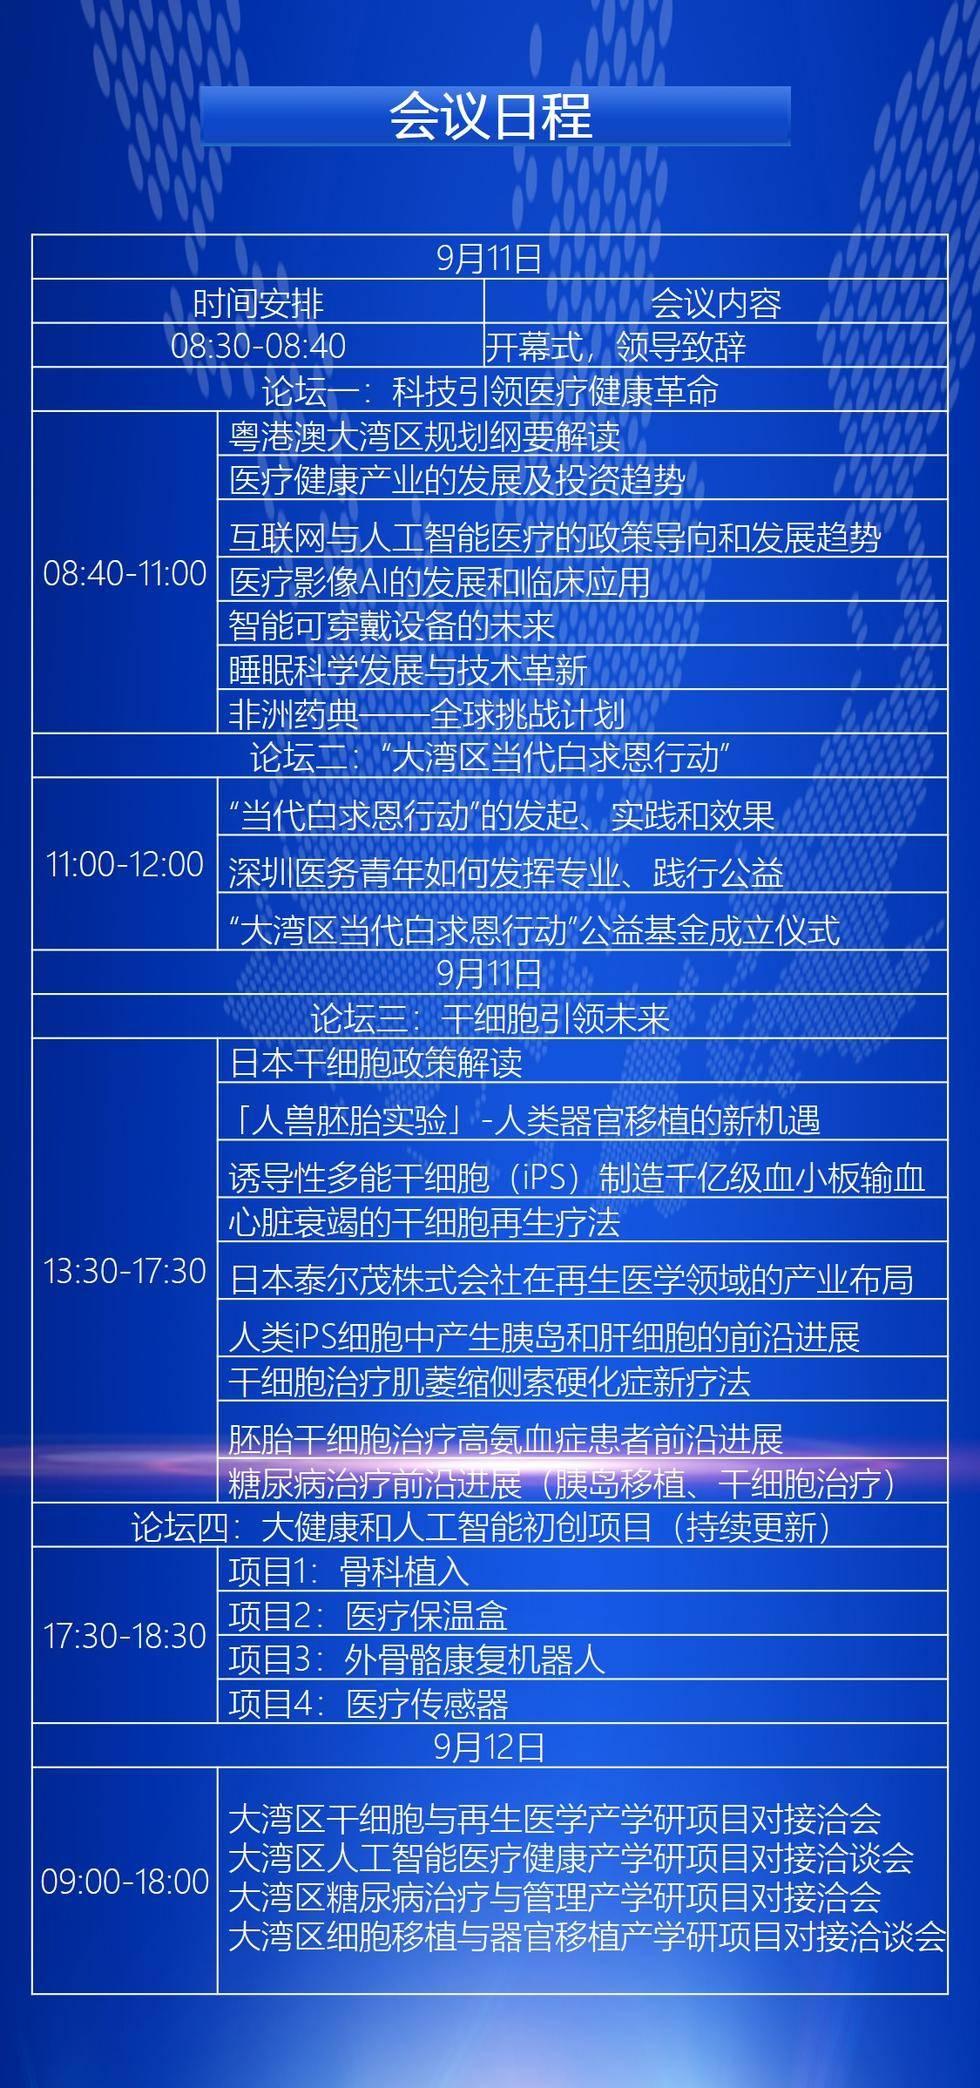 5 会议日程.jpg